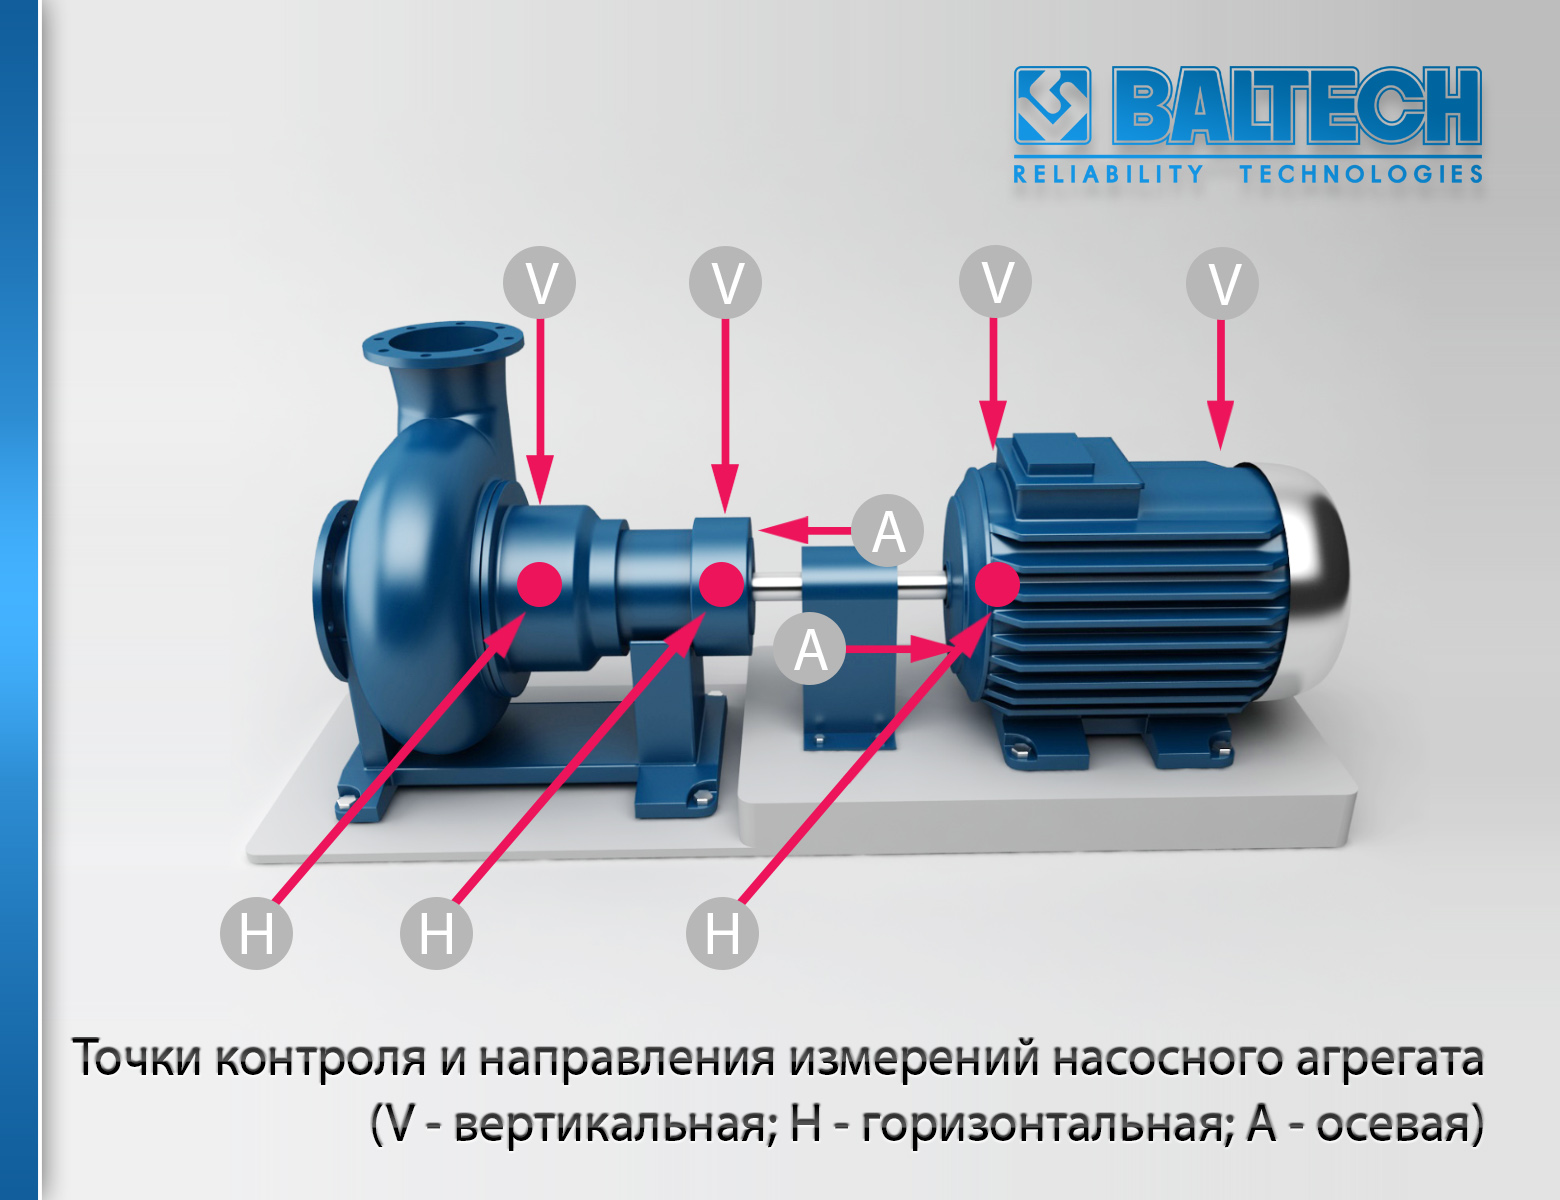 Виброконтроль, методика виброконтроля, пьезоэлектрические датчики вибрации, аппаратура виброконтроля, датчики виброконтроля, методика контроля вибрации